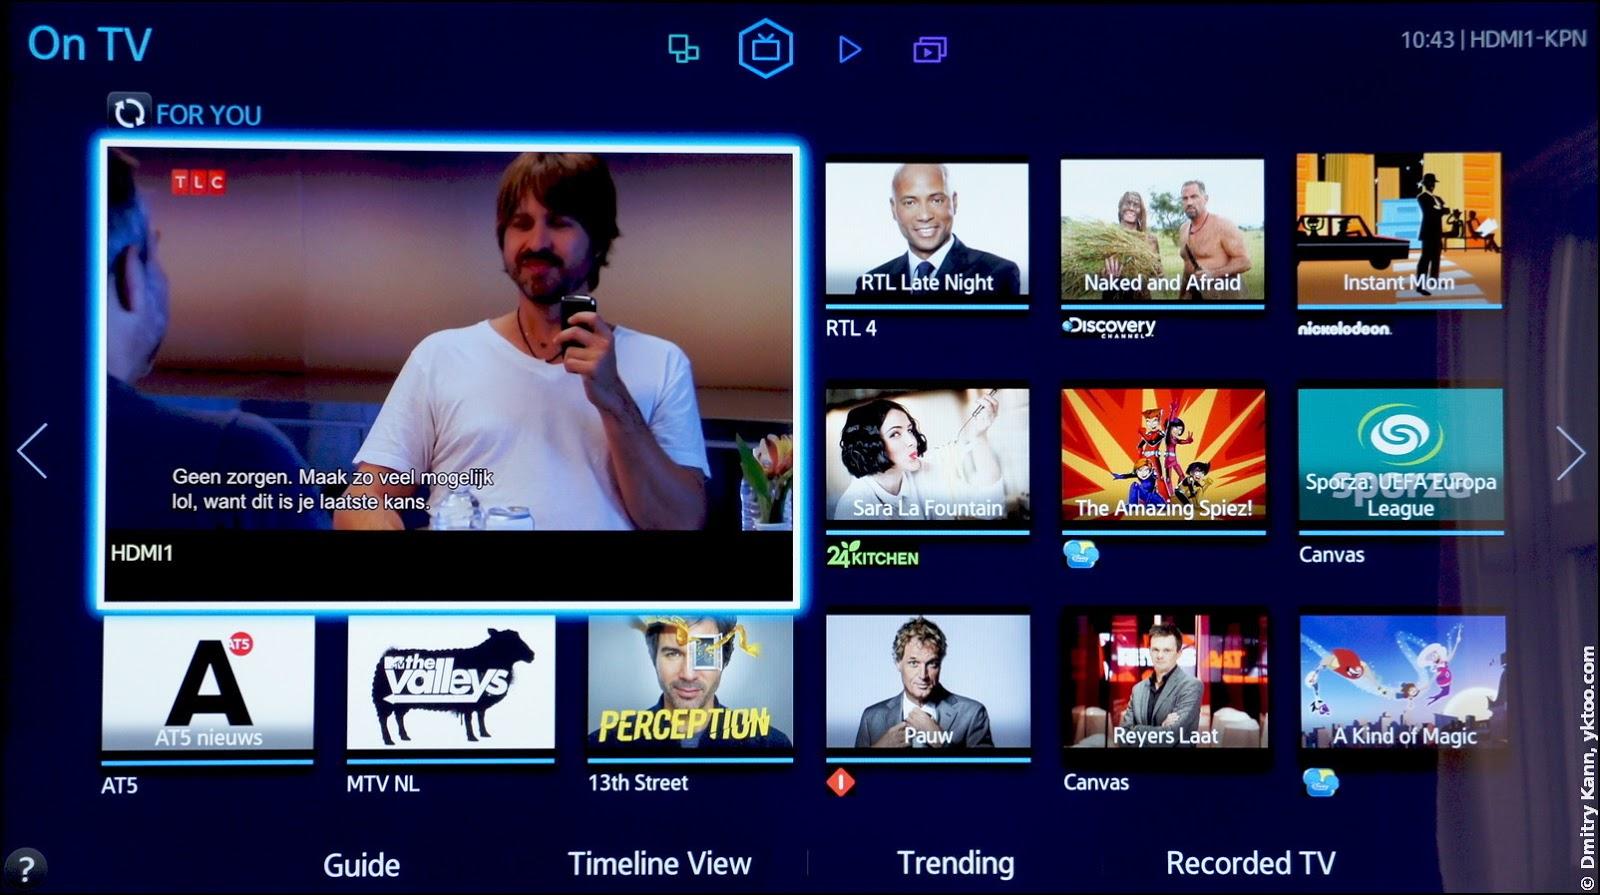 Smart Hub: On TV.